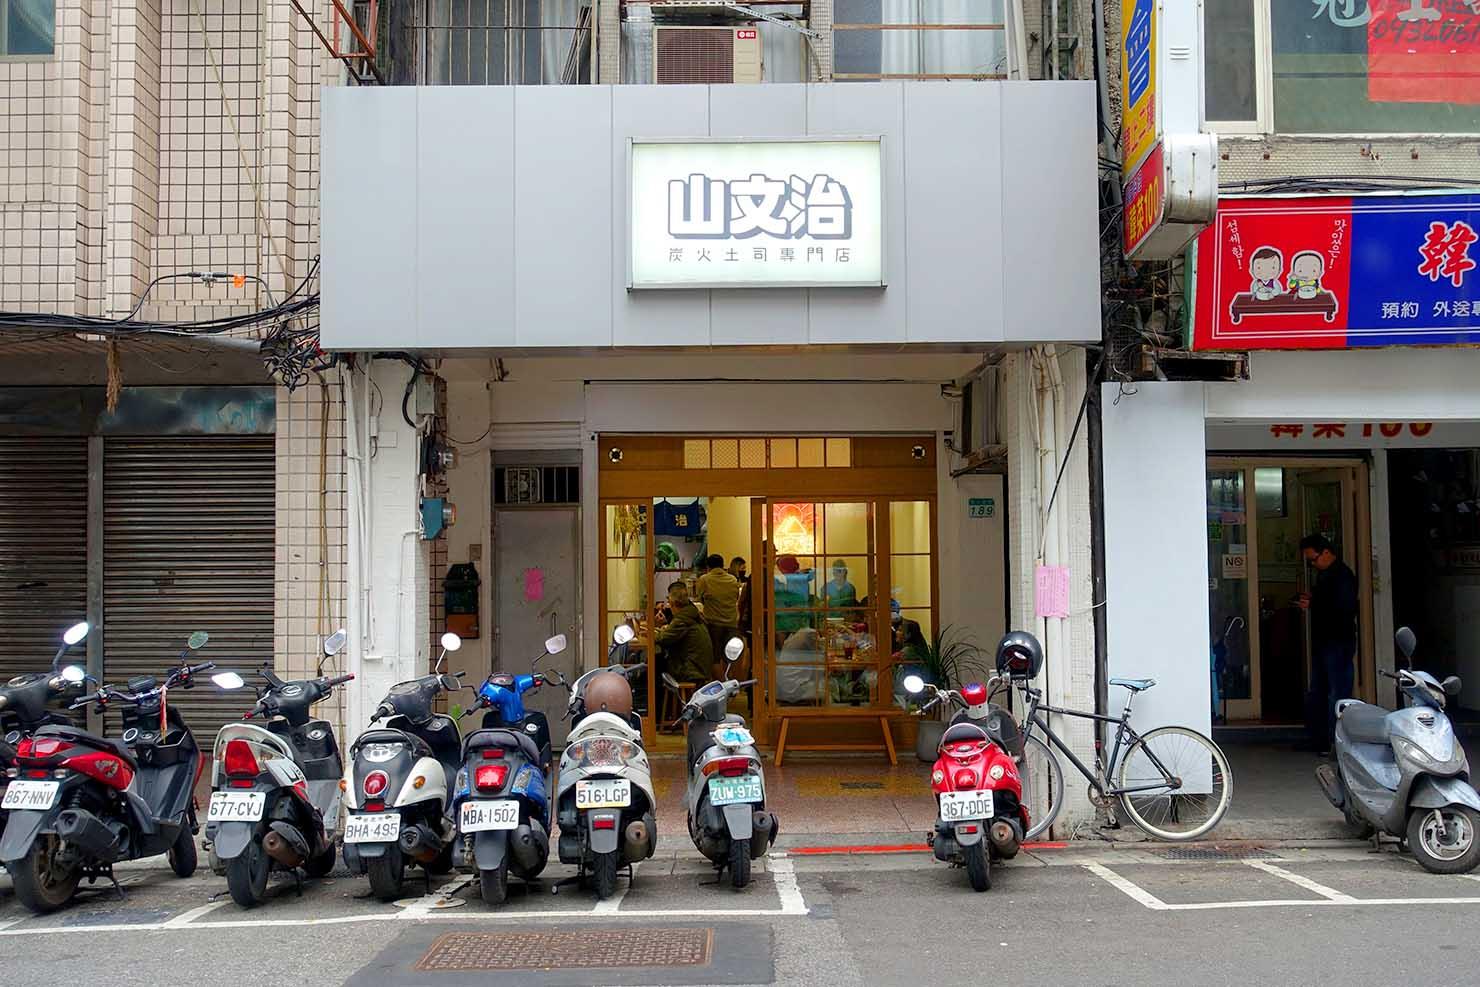 台北・西門町のおすすめ朝ごはん屋さん「山文治」の外観